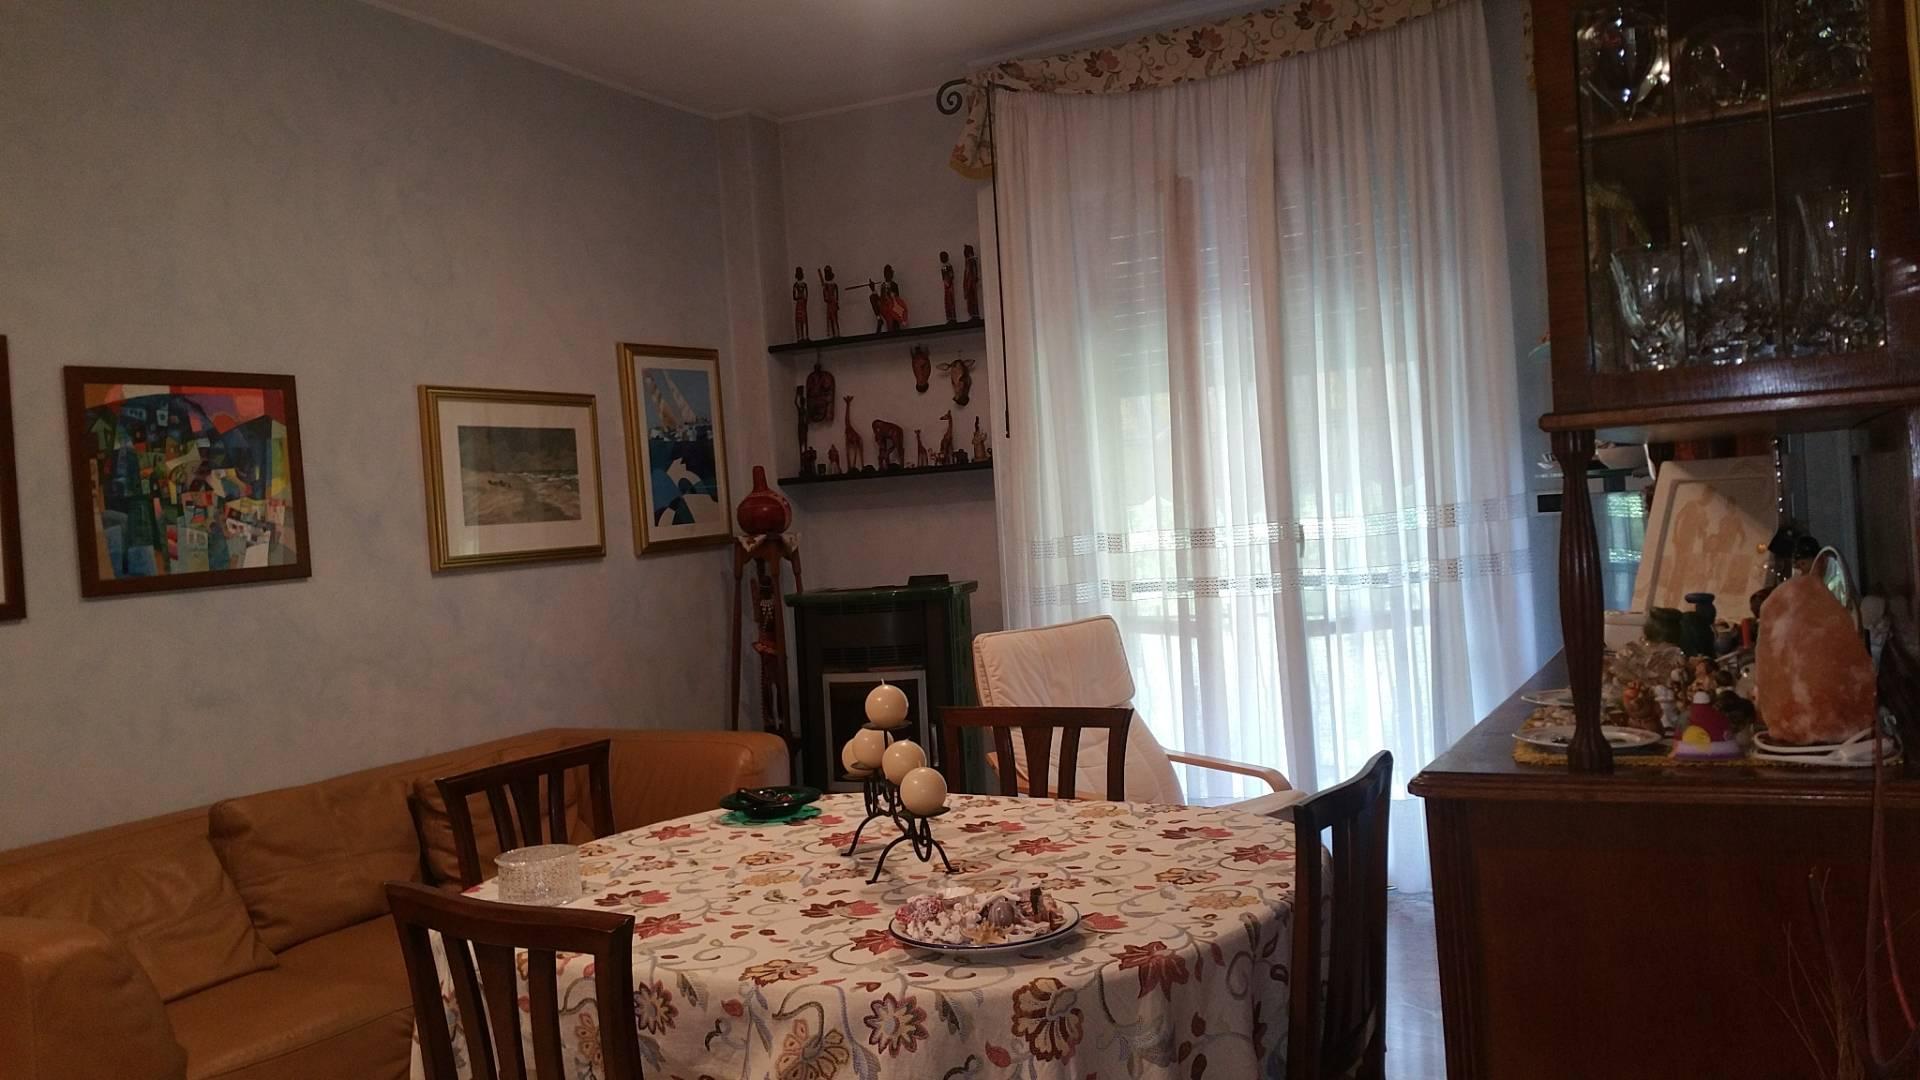 Appartamento in vendita a Folignano, 5 locali, zona Località: VillaPigna, prezzo € 110.000 | Cambio Casa.it